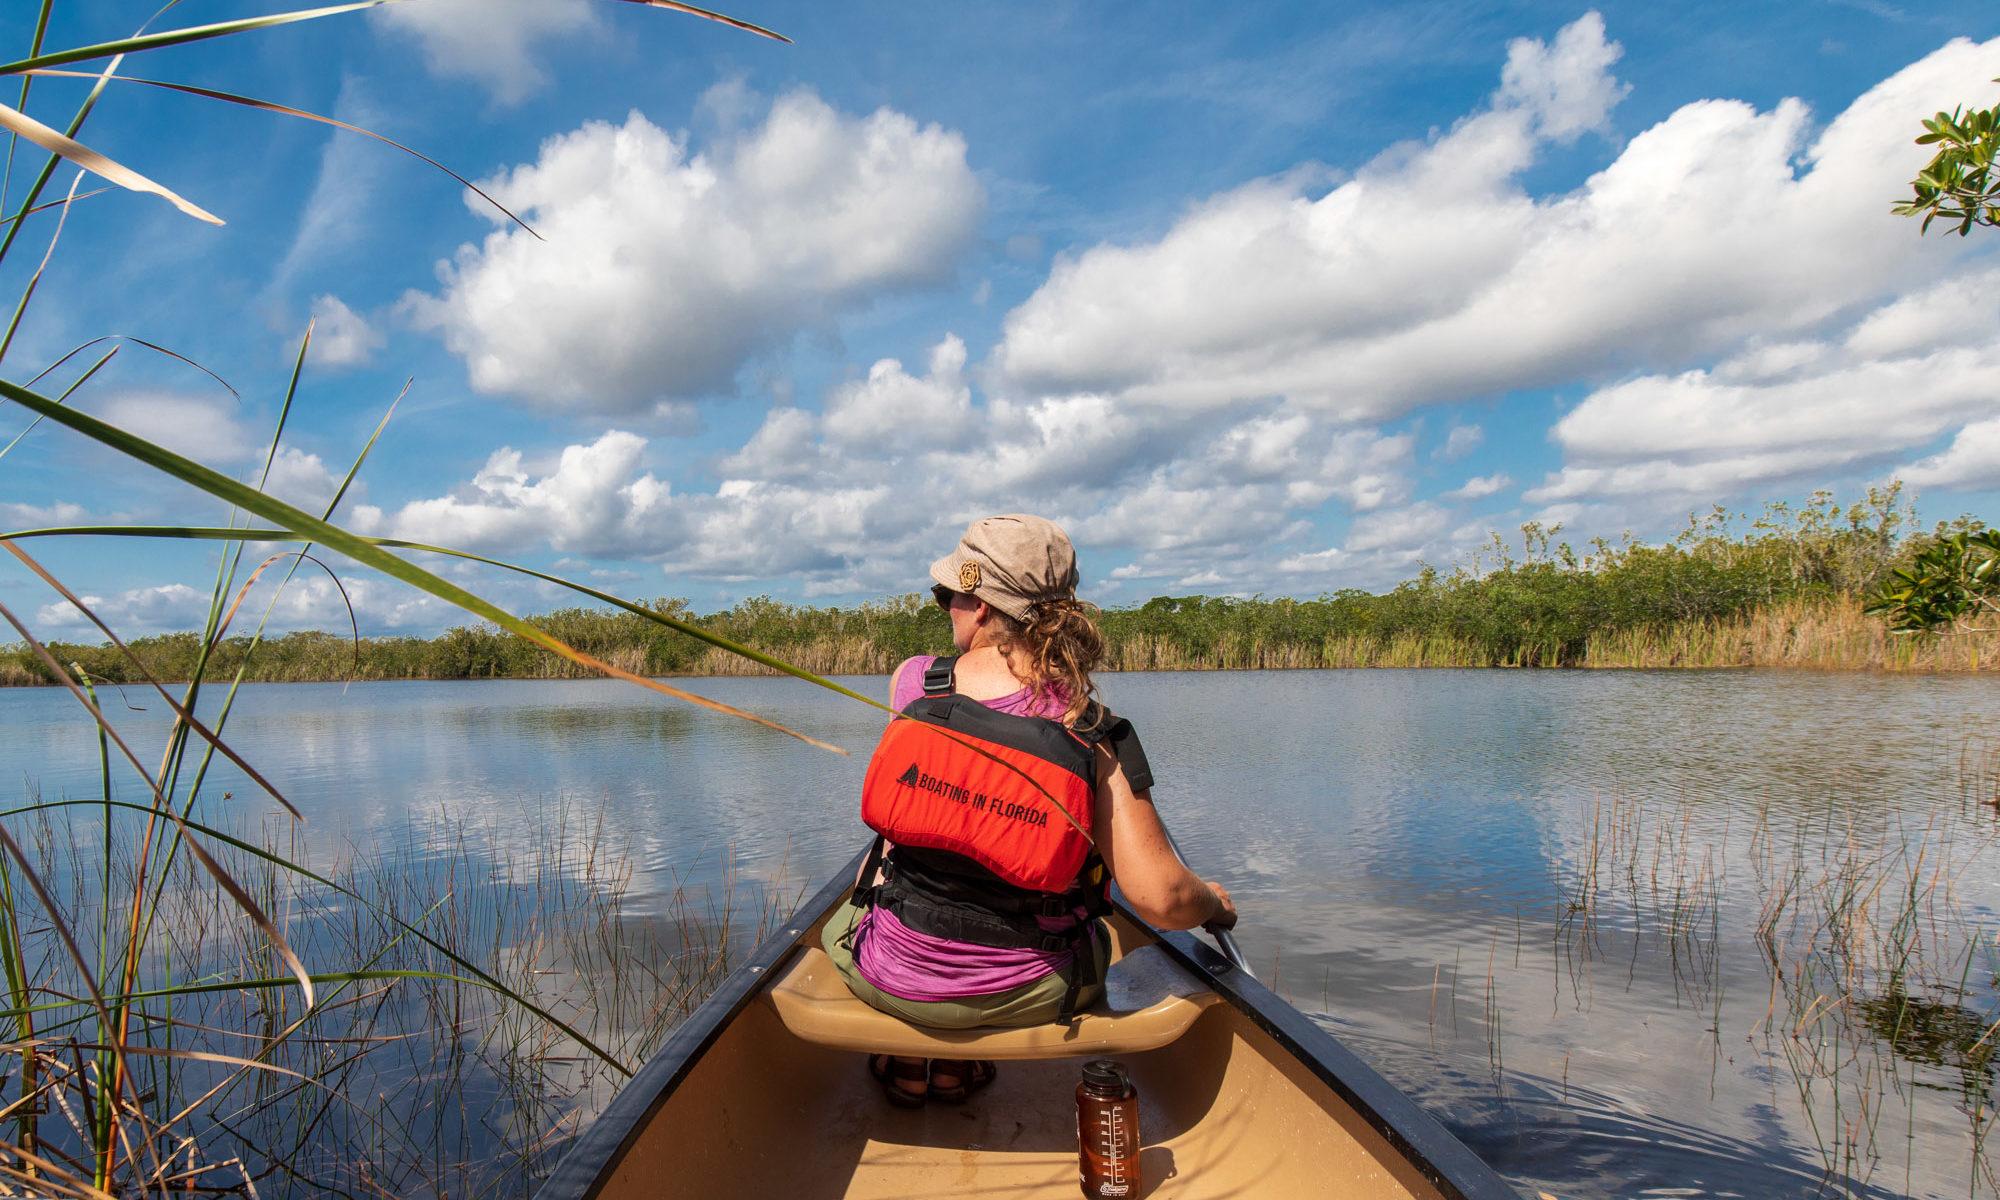 Christina im Kanu zwischen Schilf mit Blick auf See.